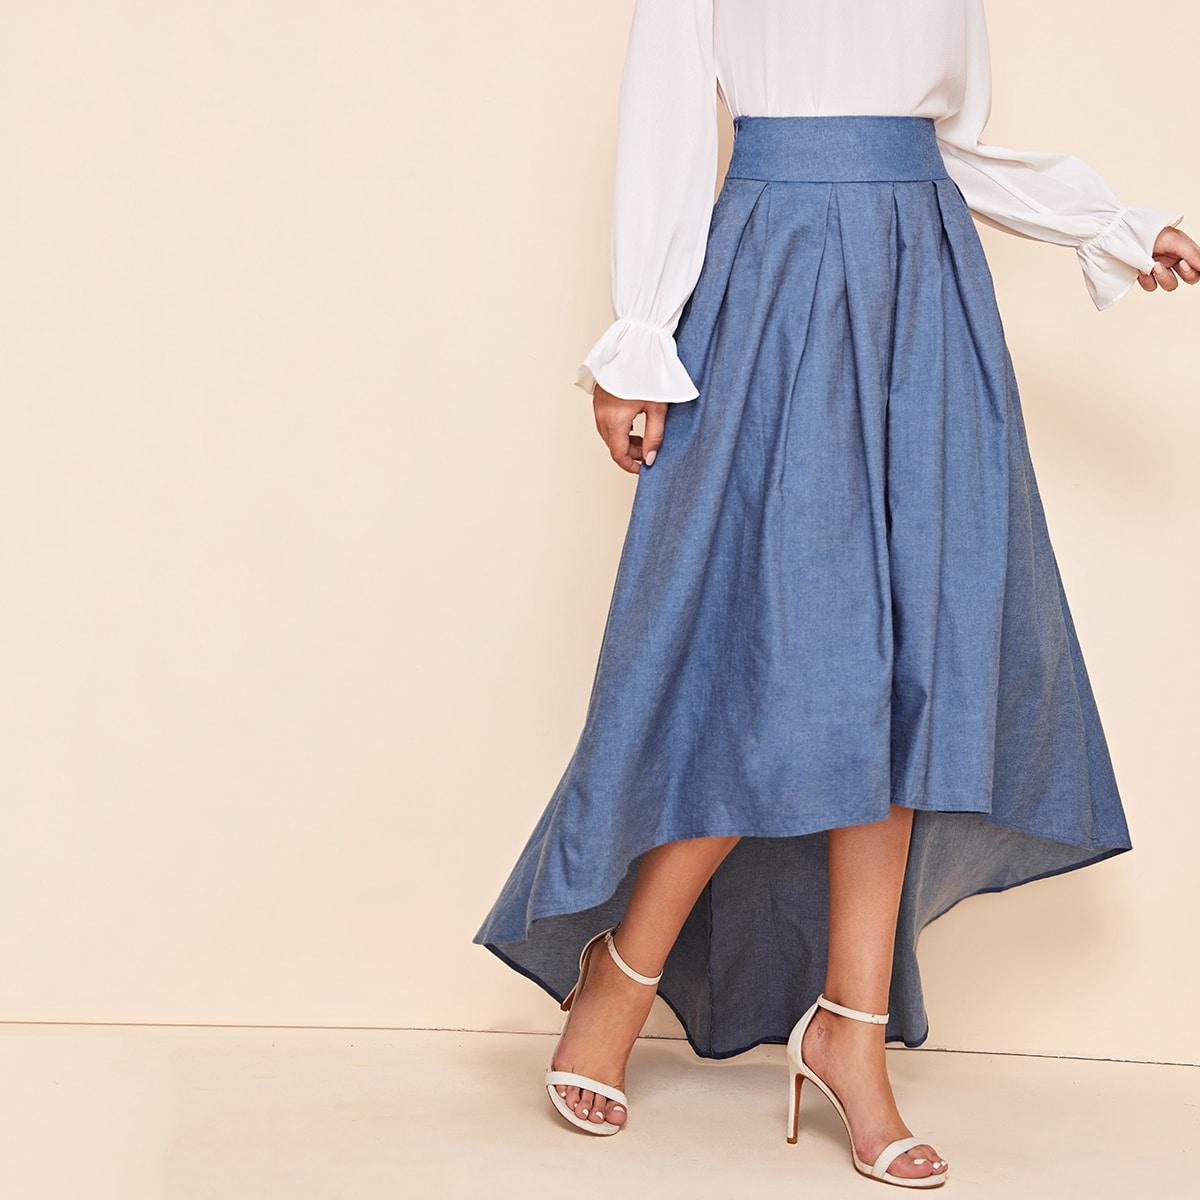 Асимметричная юбка со складками фото